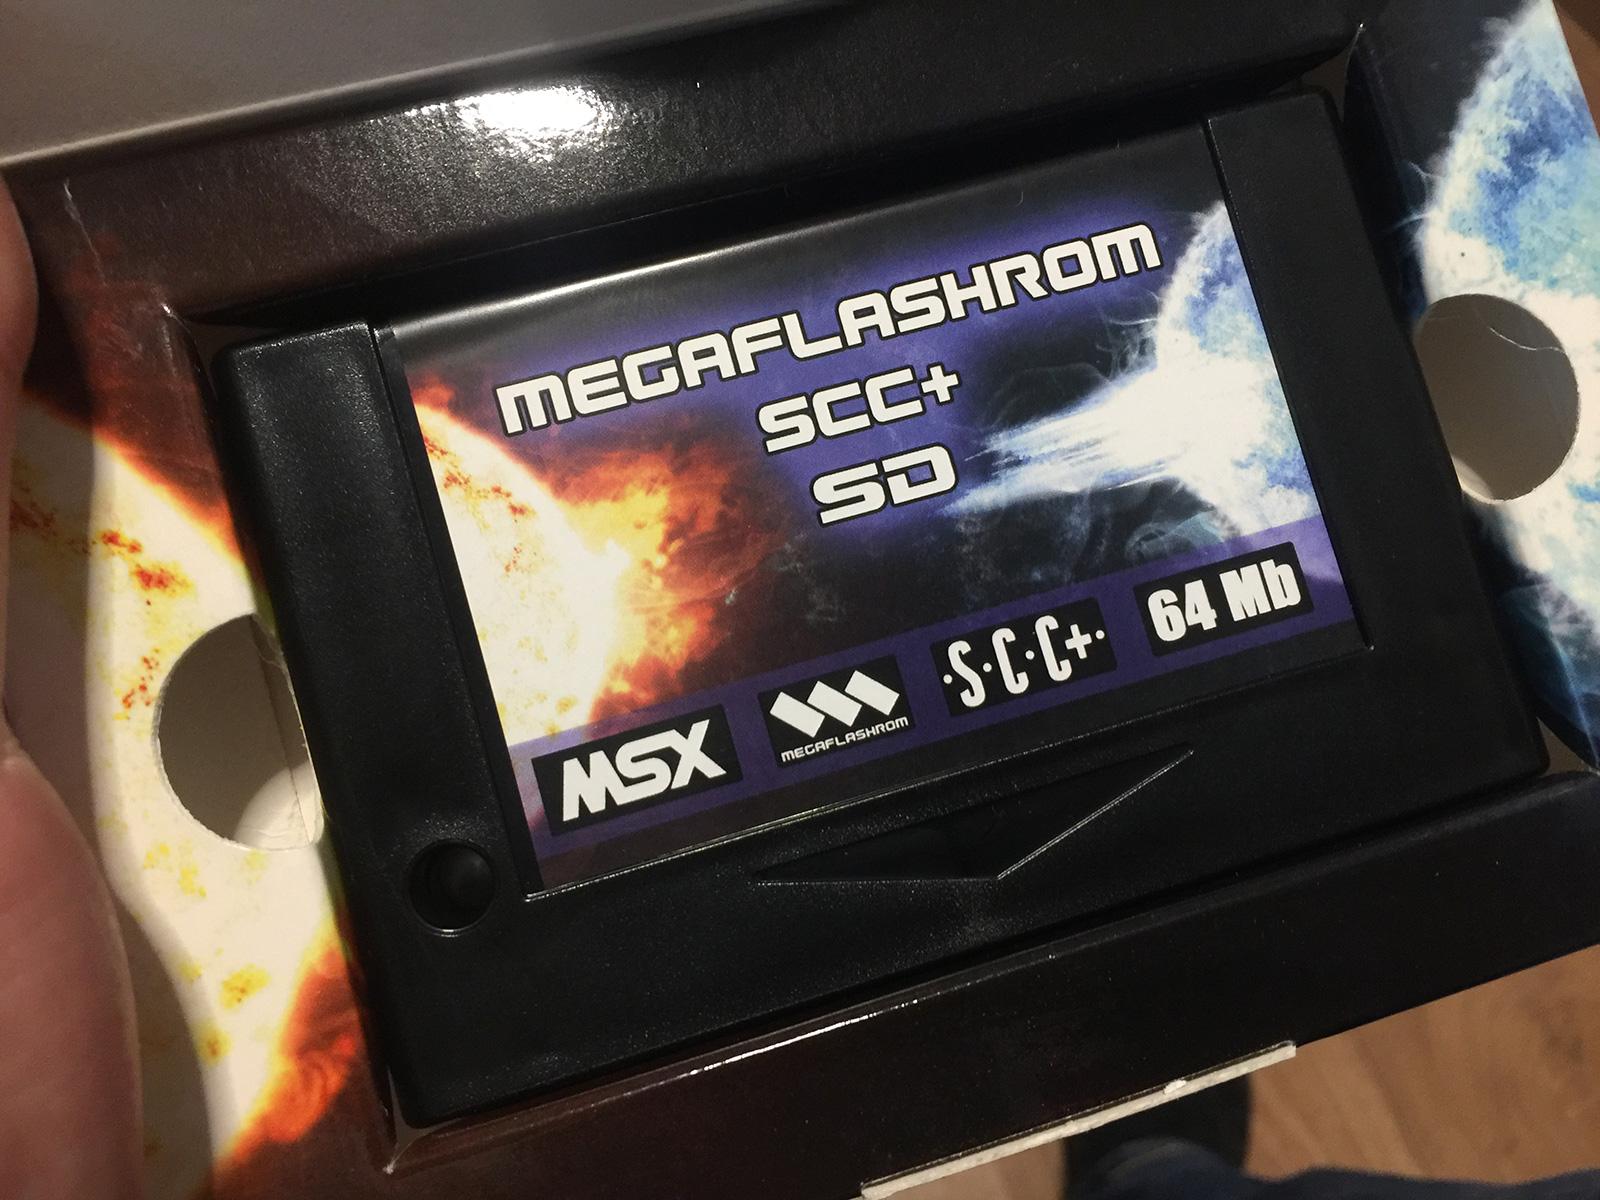 Cartucho MegaFlashRom SCC+ con 512 KB de RAM y un slot para microSD